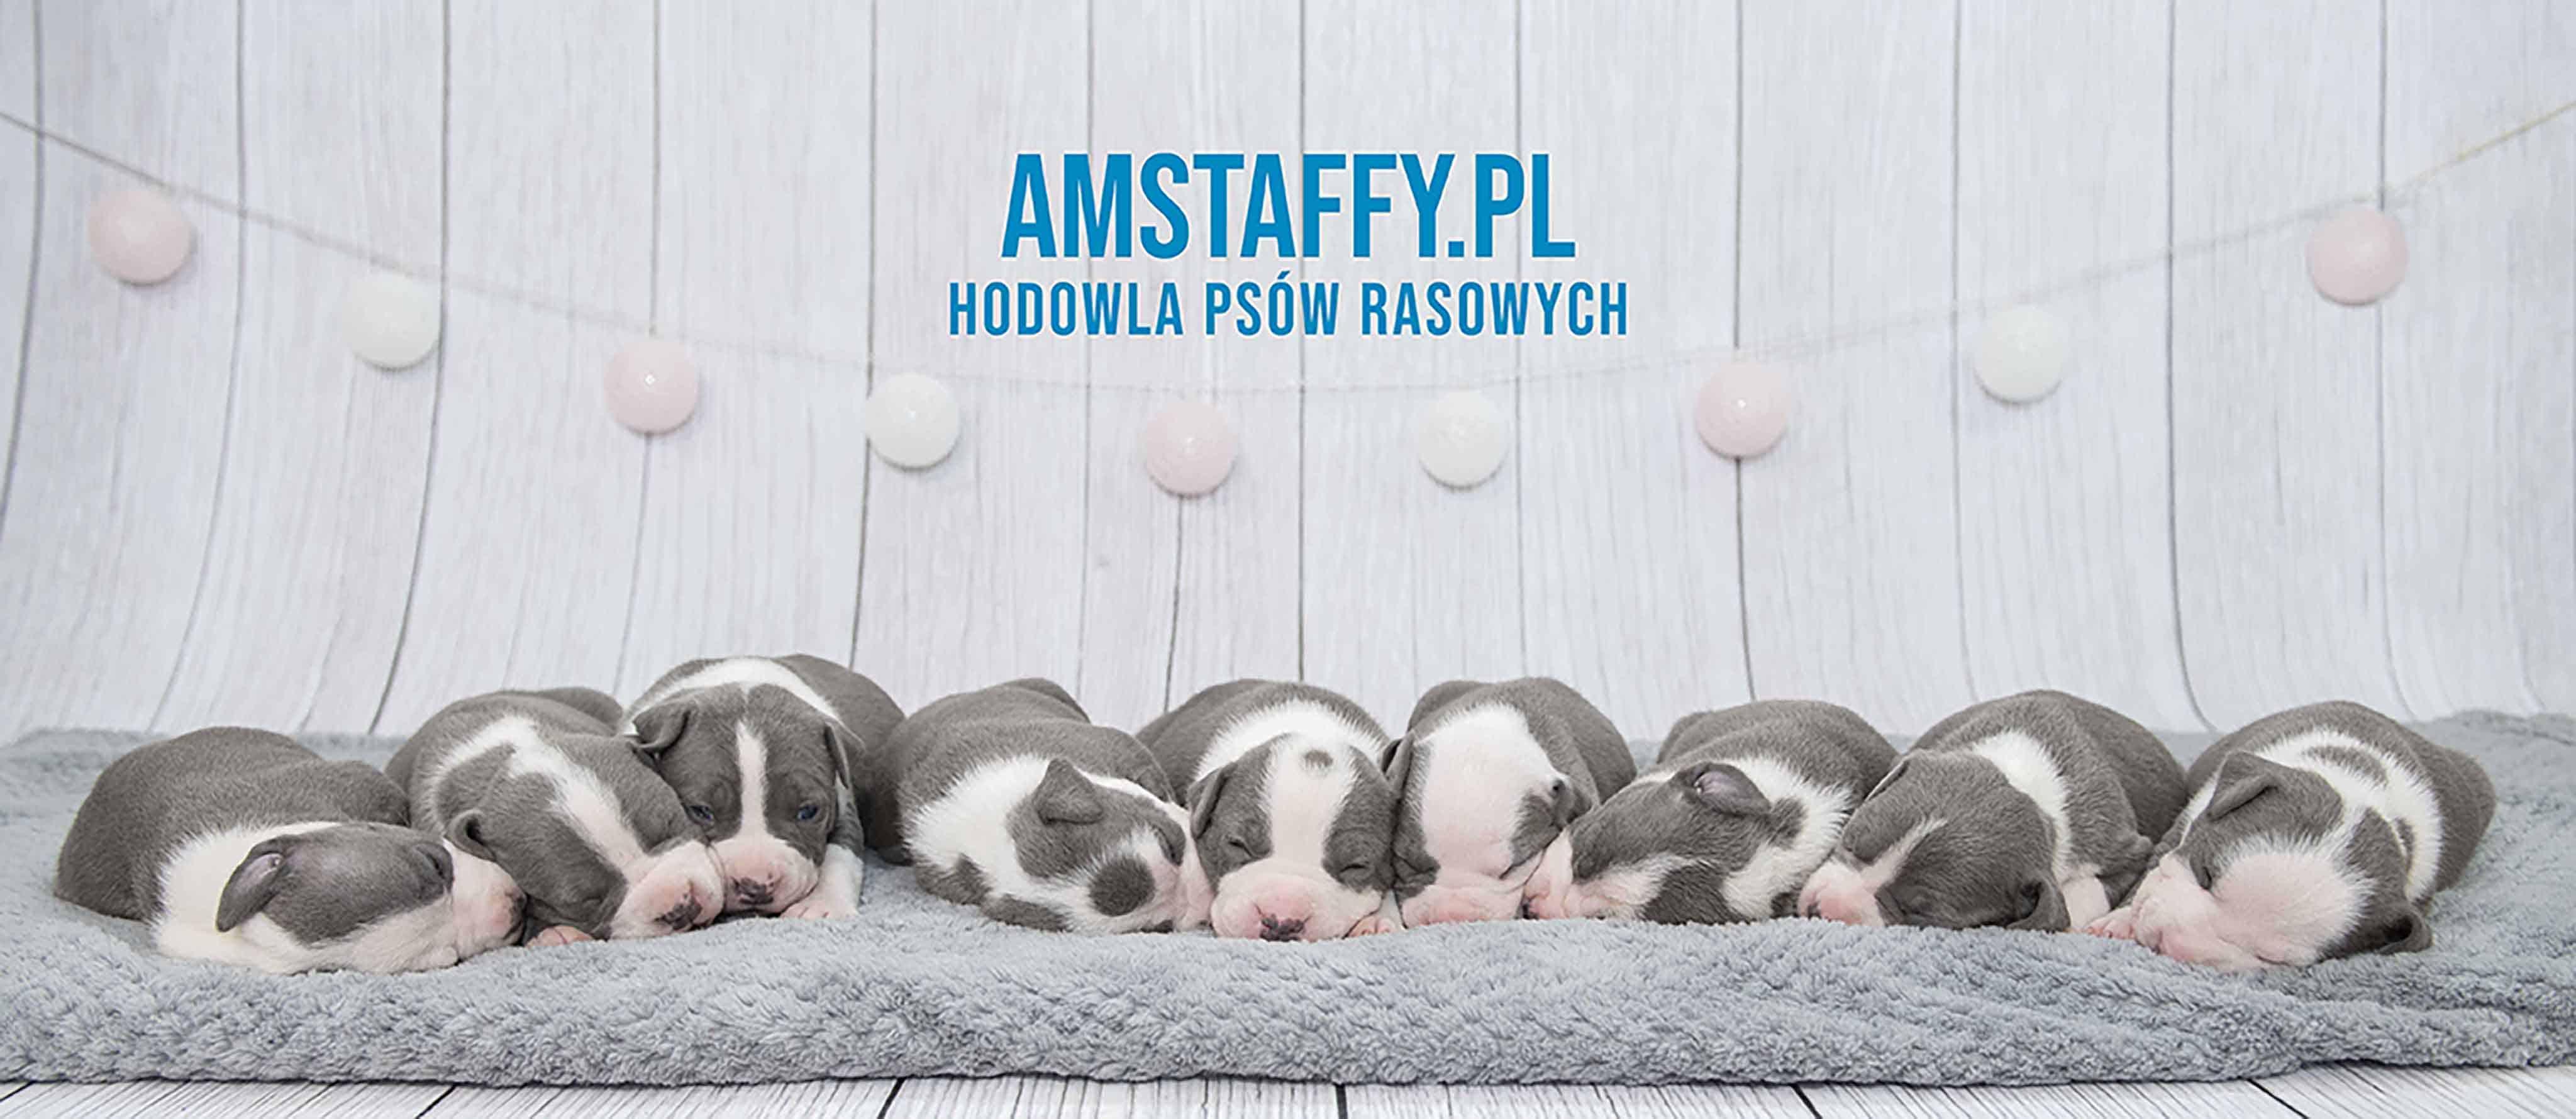 Hodowla Amstaffów - Szczeniaki - Amstaffy.pl - tło